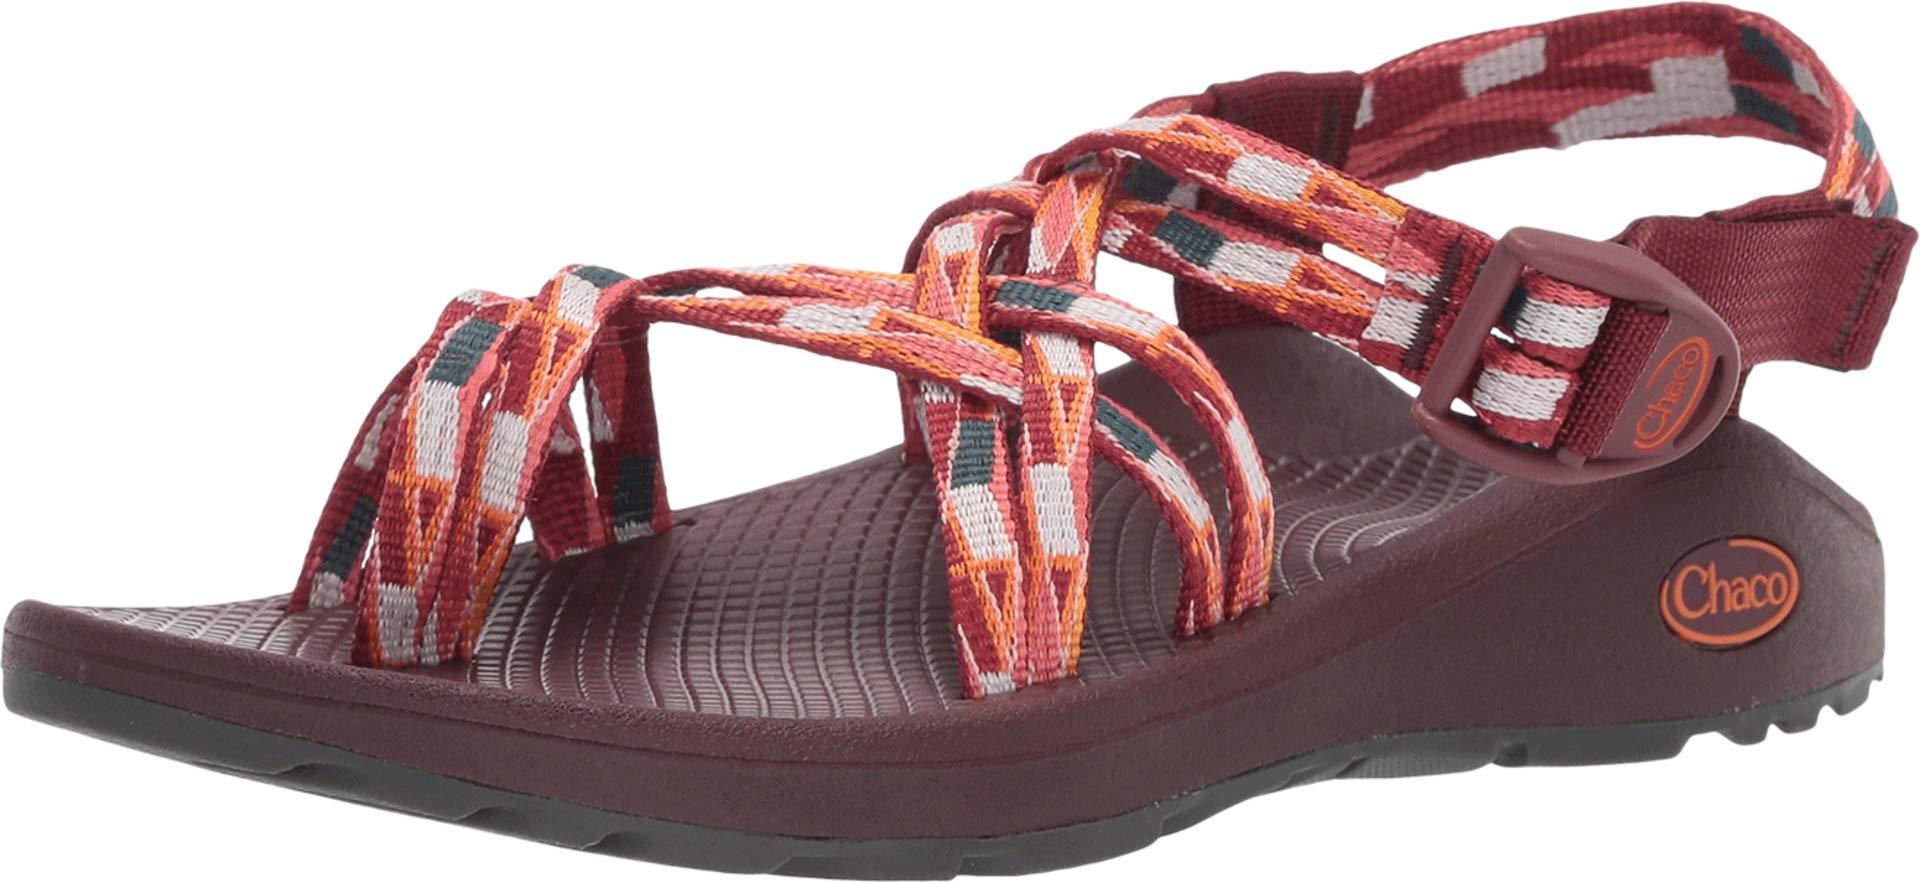 Chaco Women's Wrapsody Sandal, PlatformBlush, 9 M US by Chaco